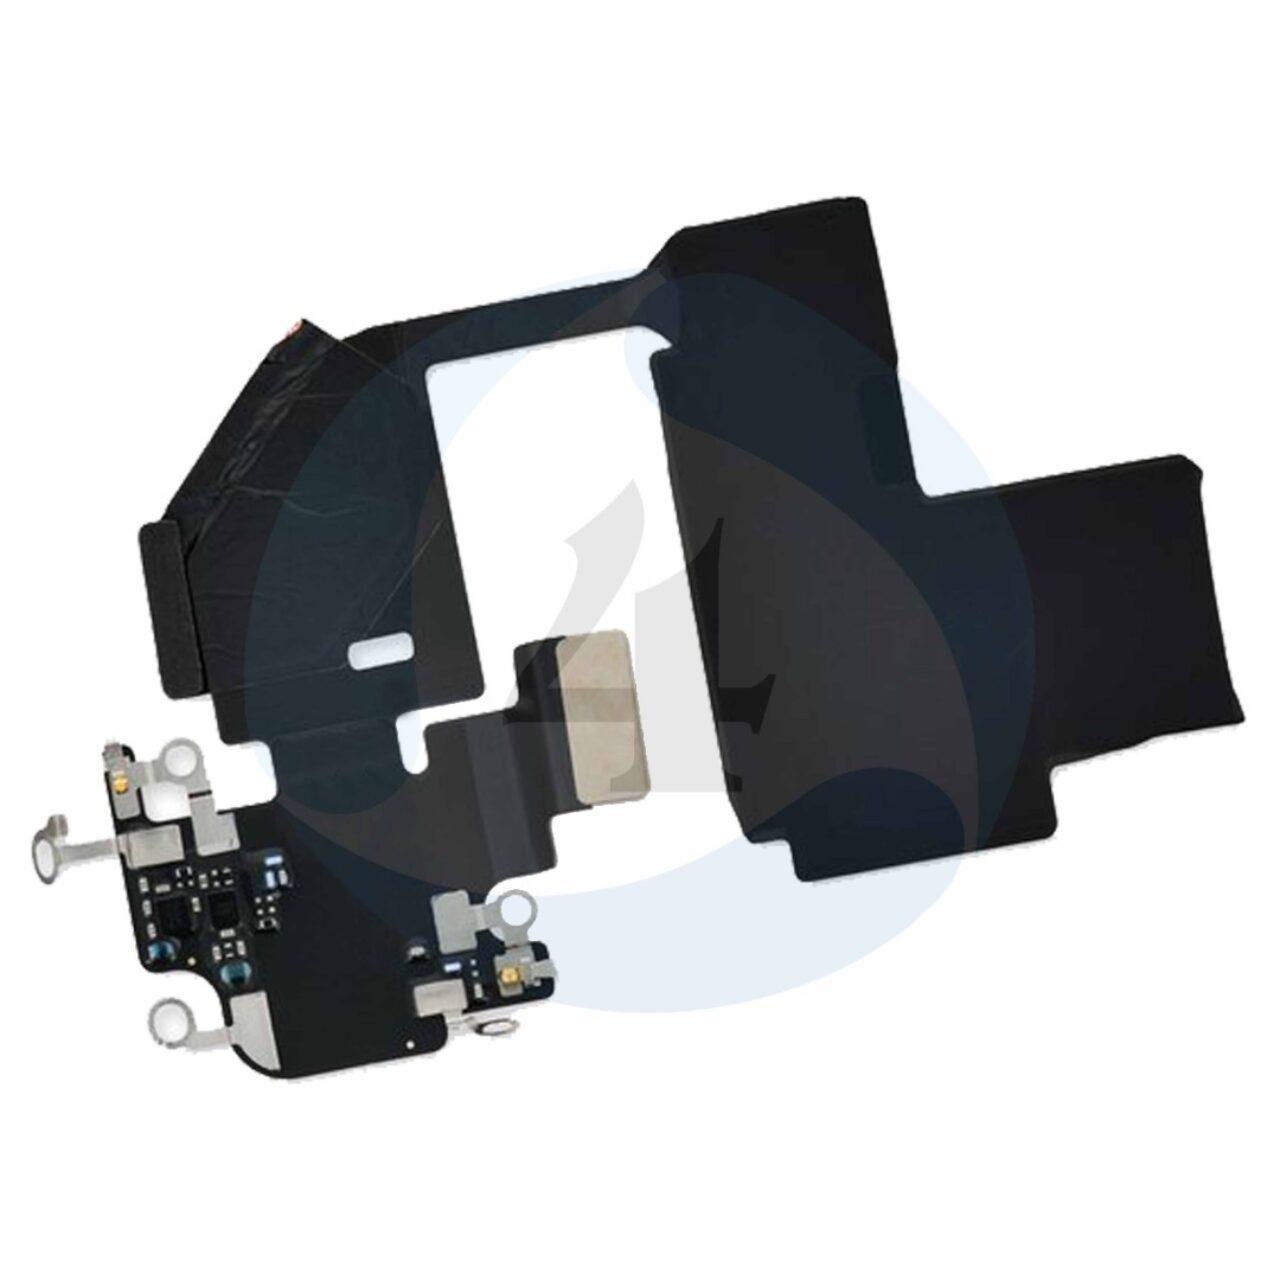 SP6396 B 3 one plus 8 sim tray black